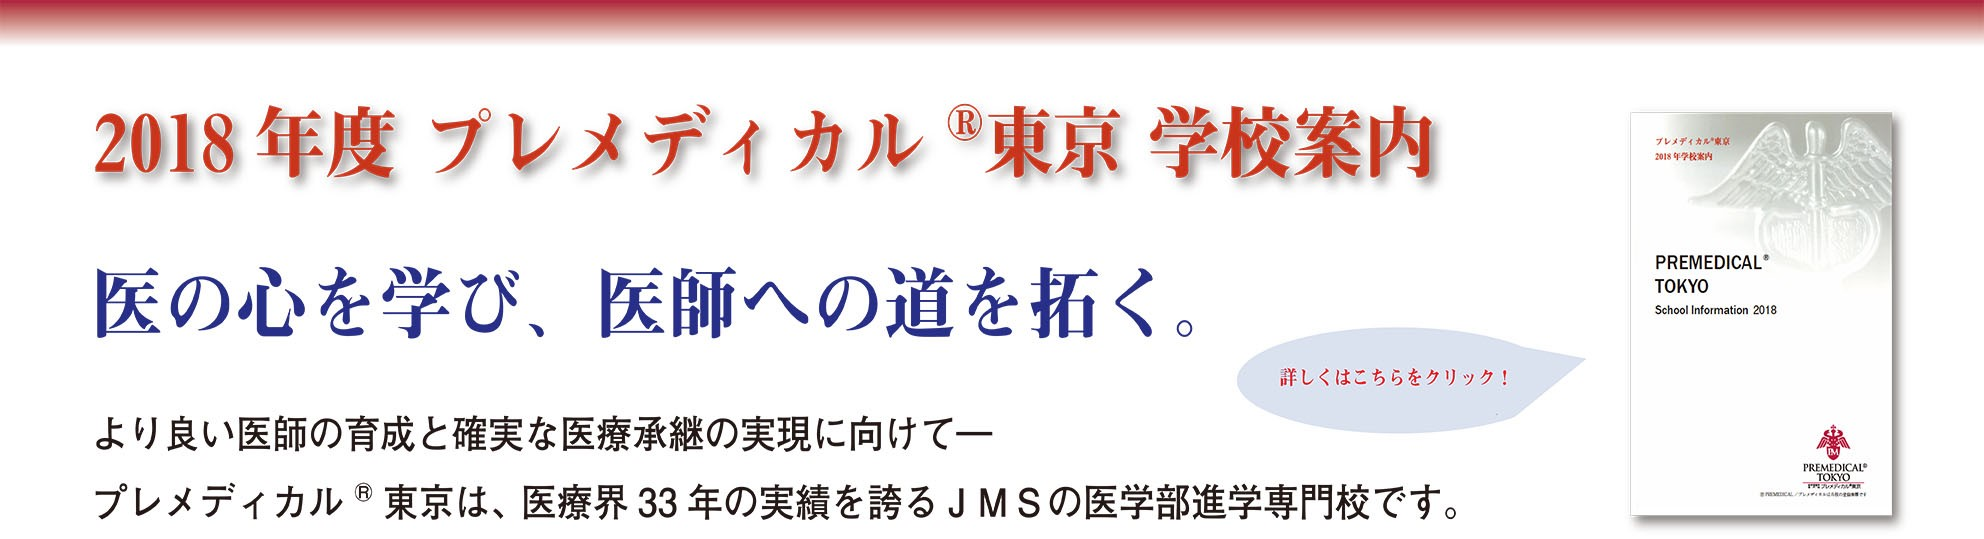 2018年学校案内ができました。より良い医師の育成と確実な医療承継に向けて、プレメディカル東京は、医療界33年の実績を誇るJMSの医学部進学専門校です。新学期生も募集中!